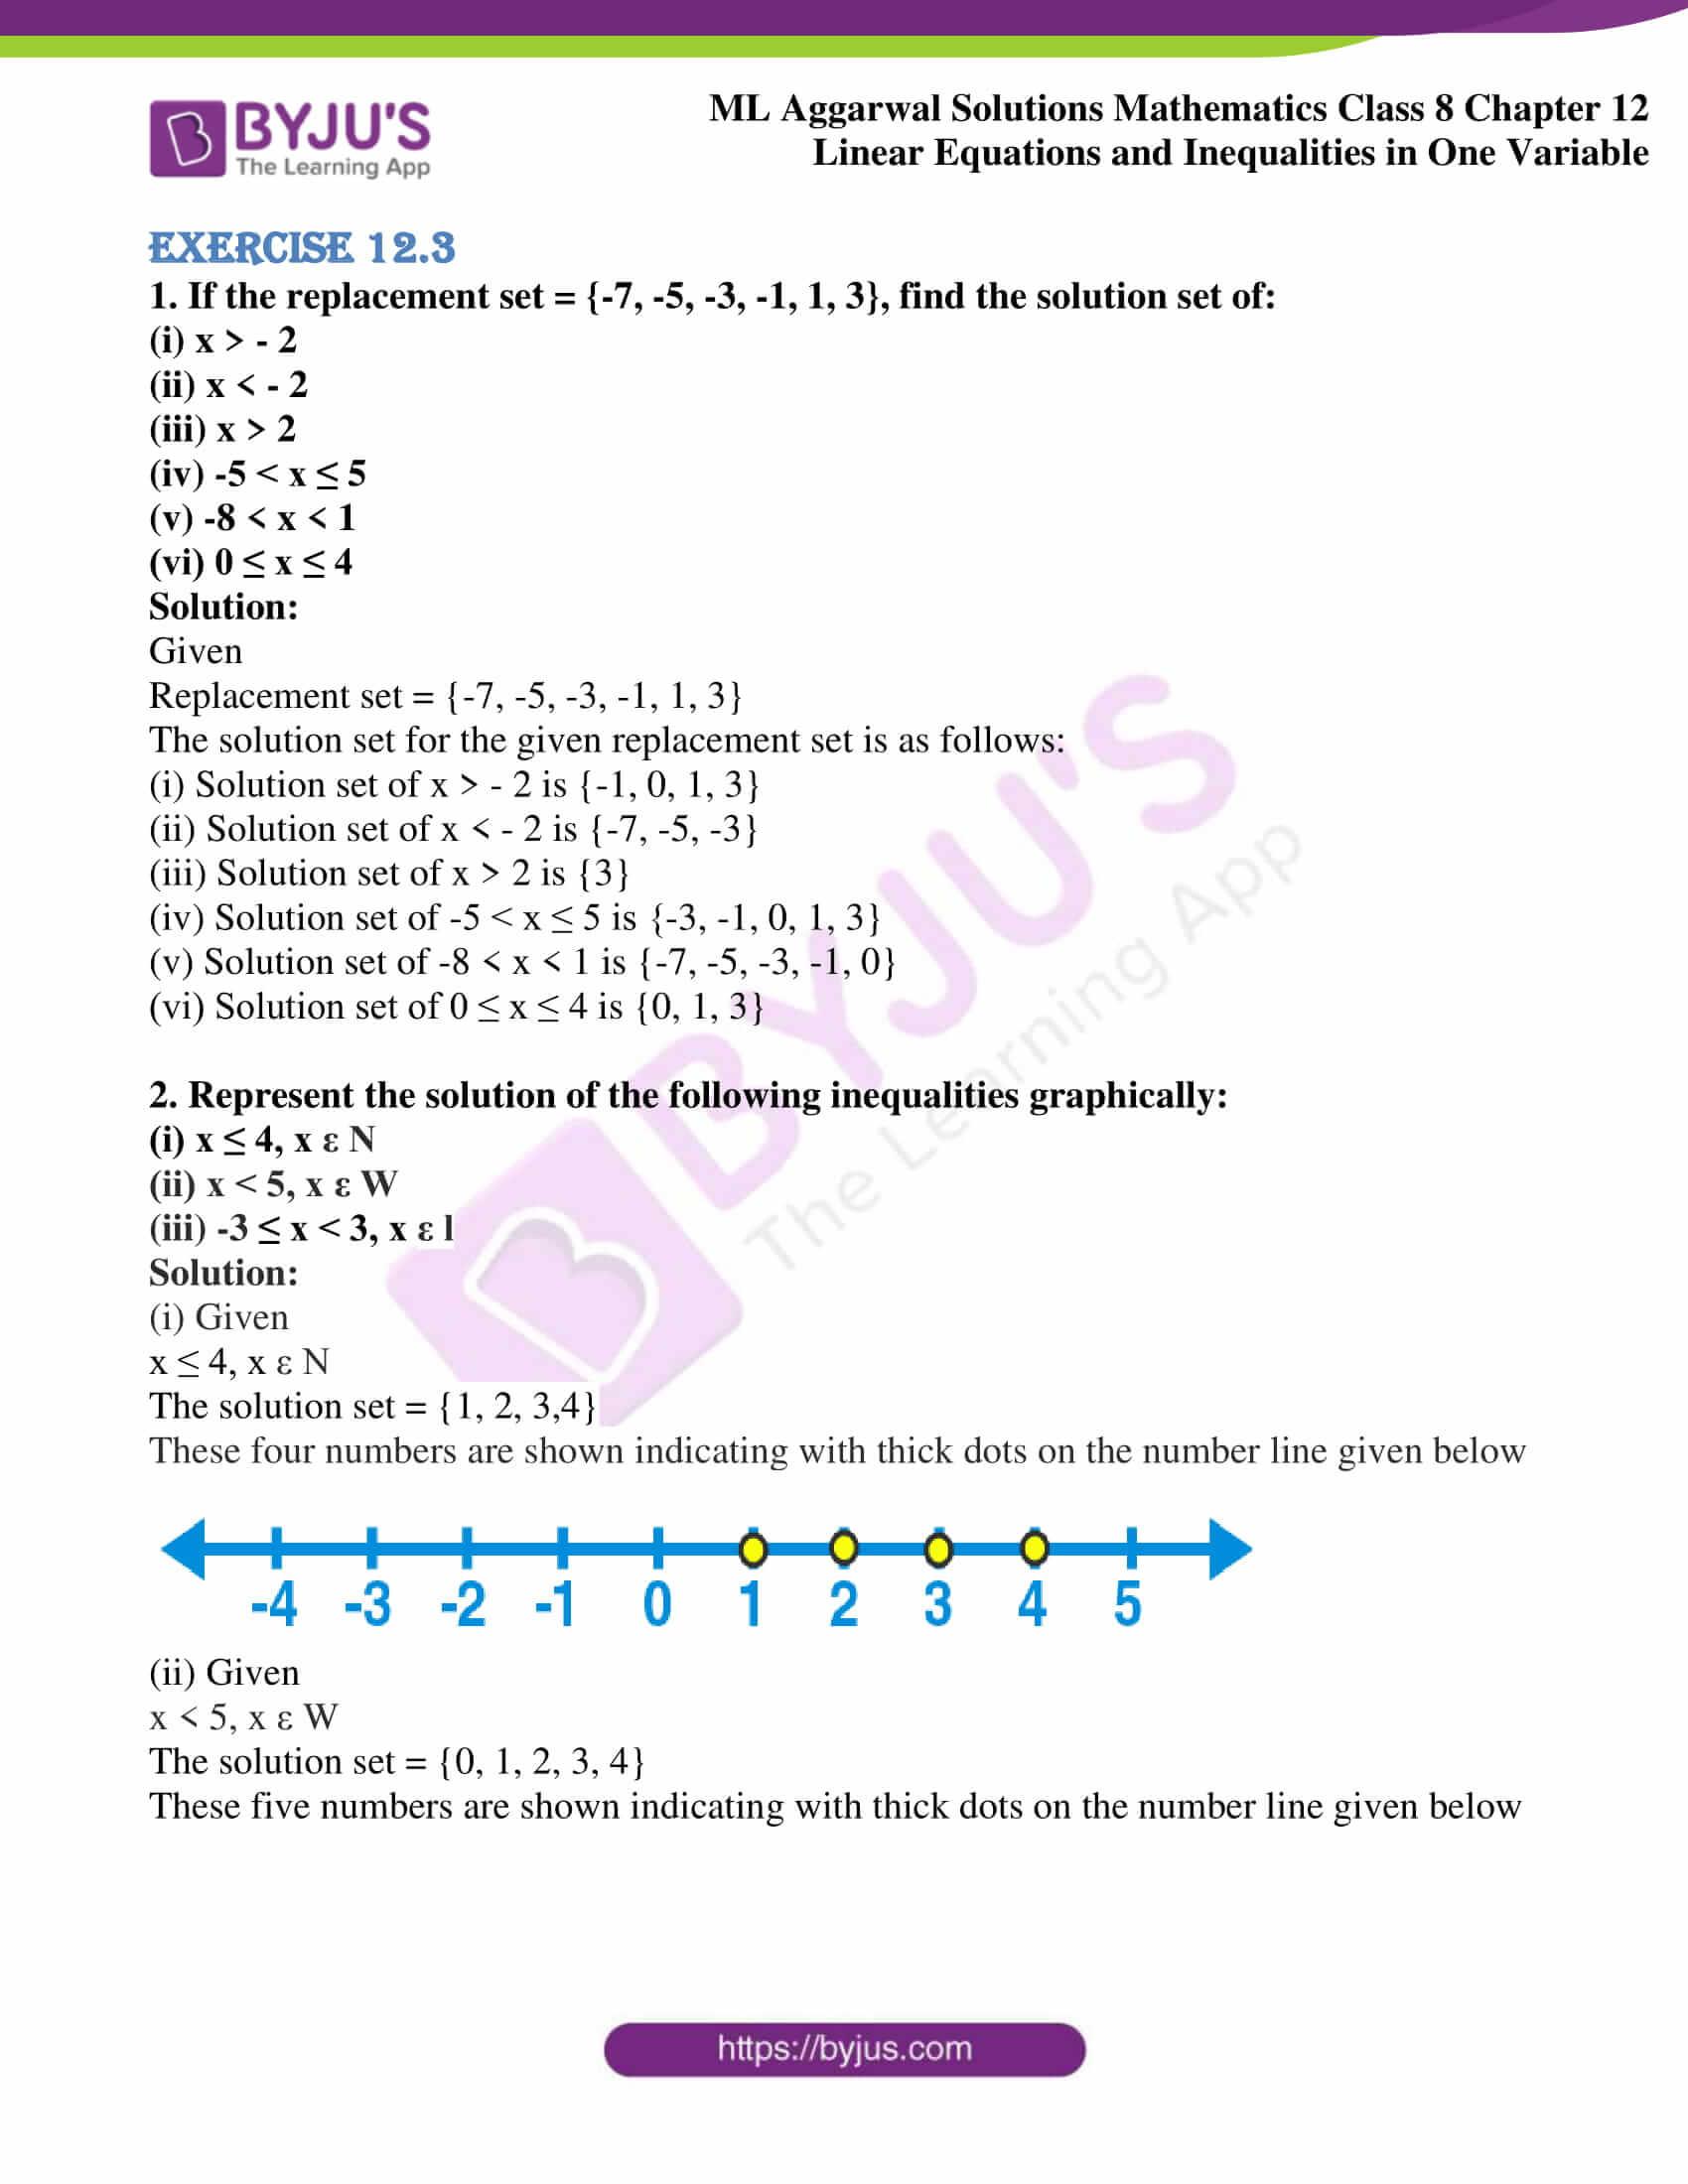 ml aggarwal sol mathematics class 8 ch 12 27